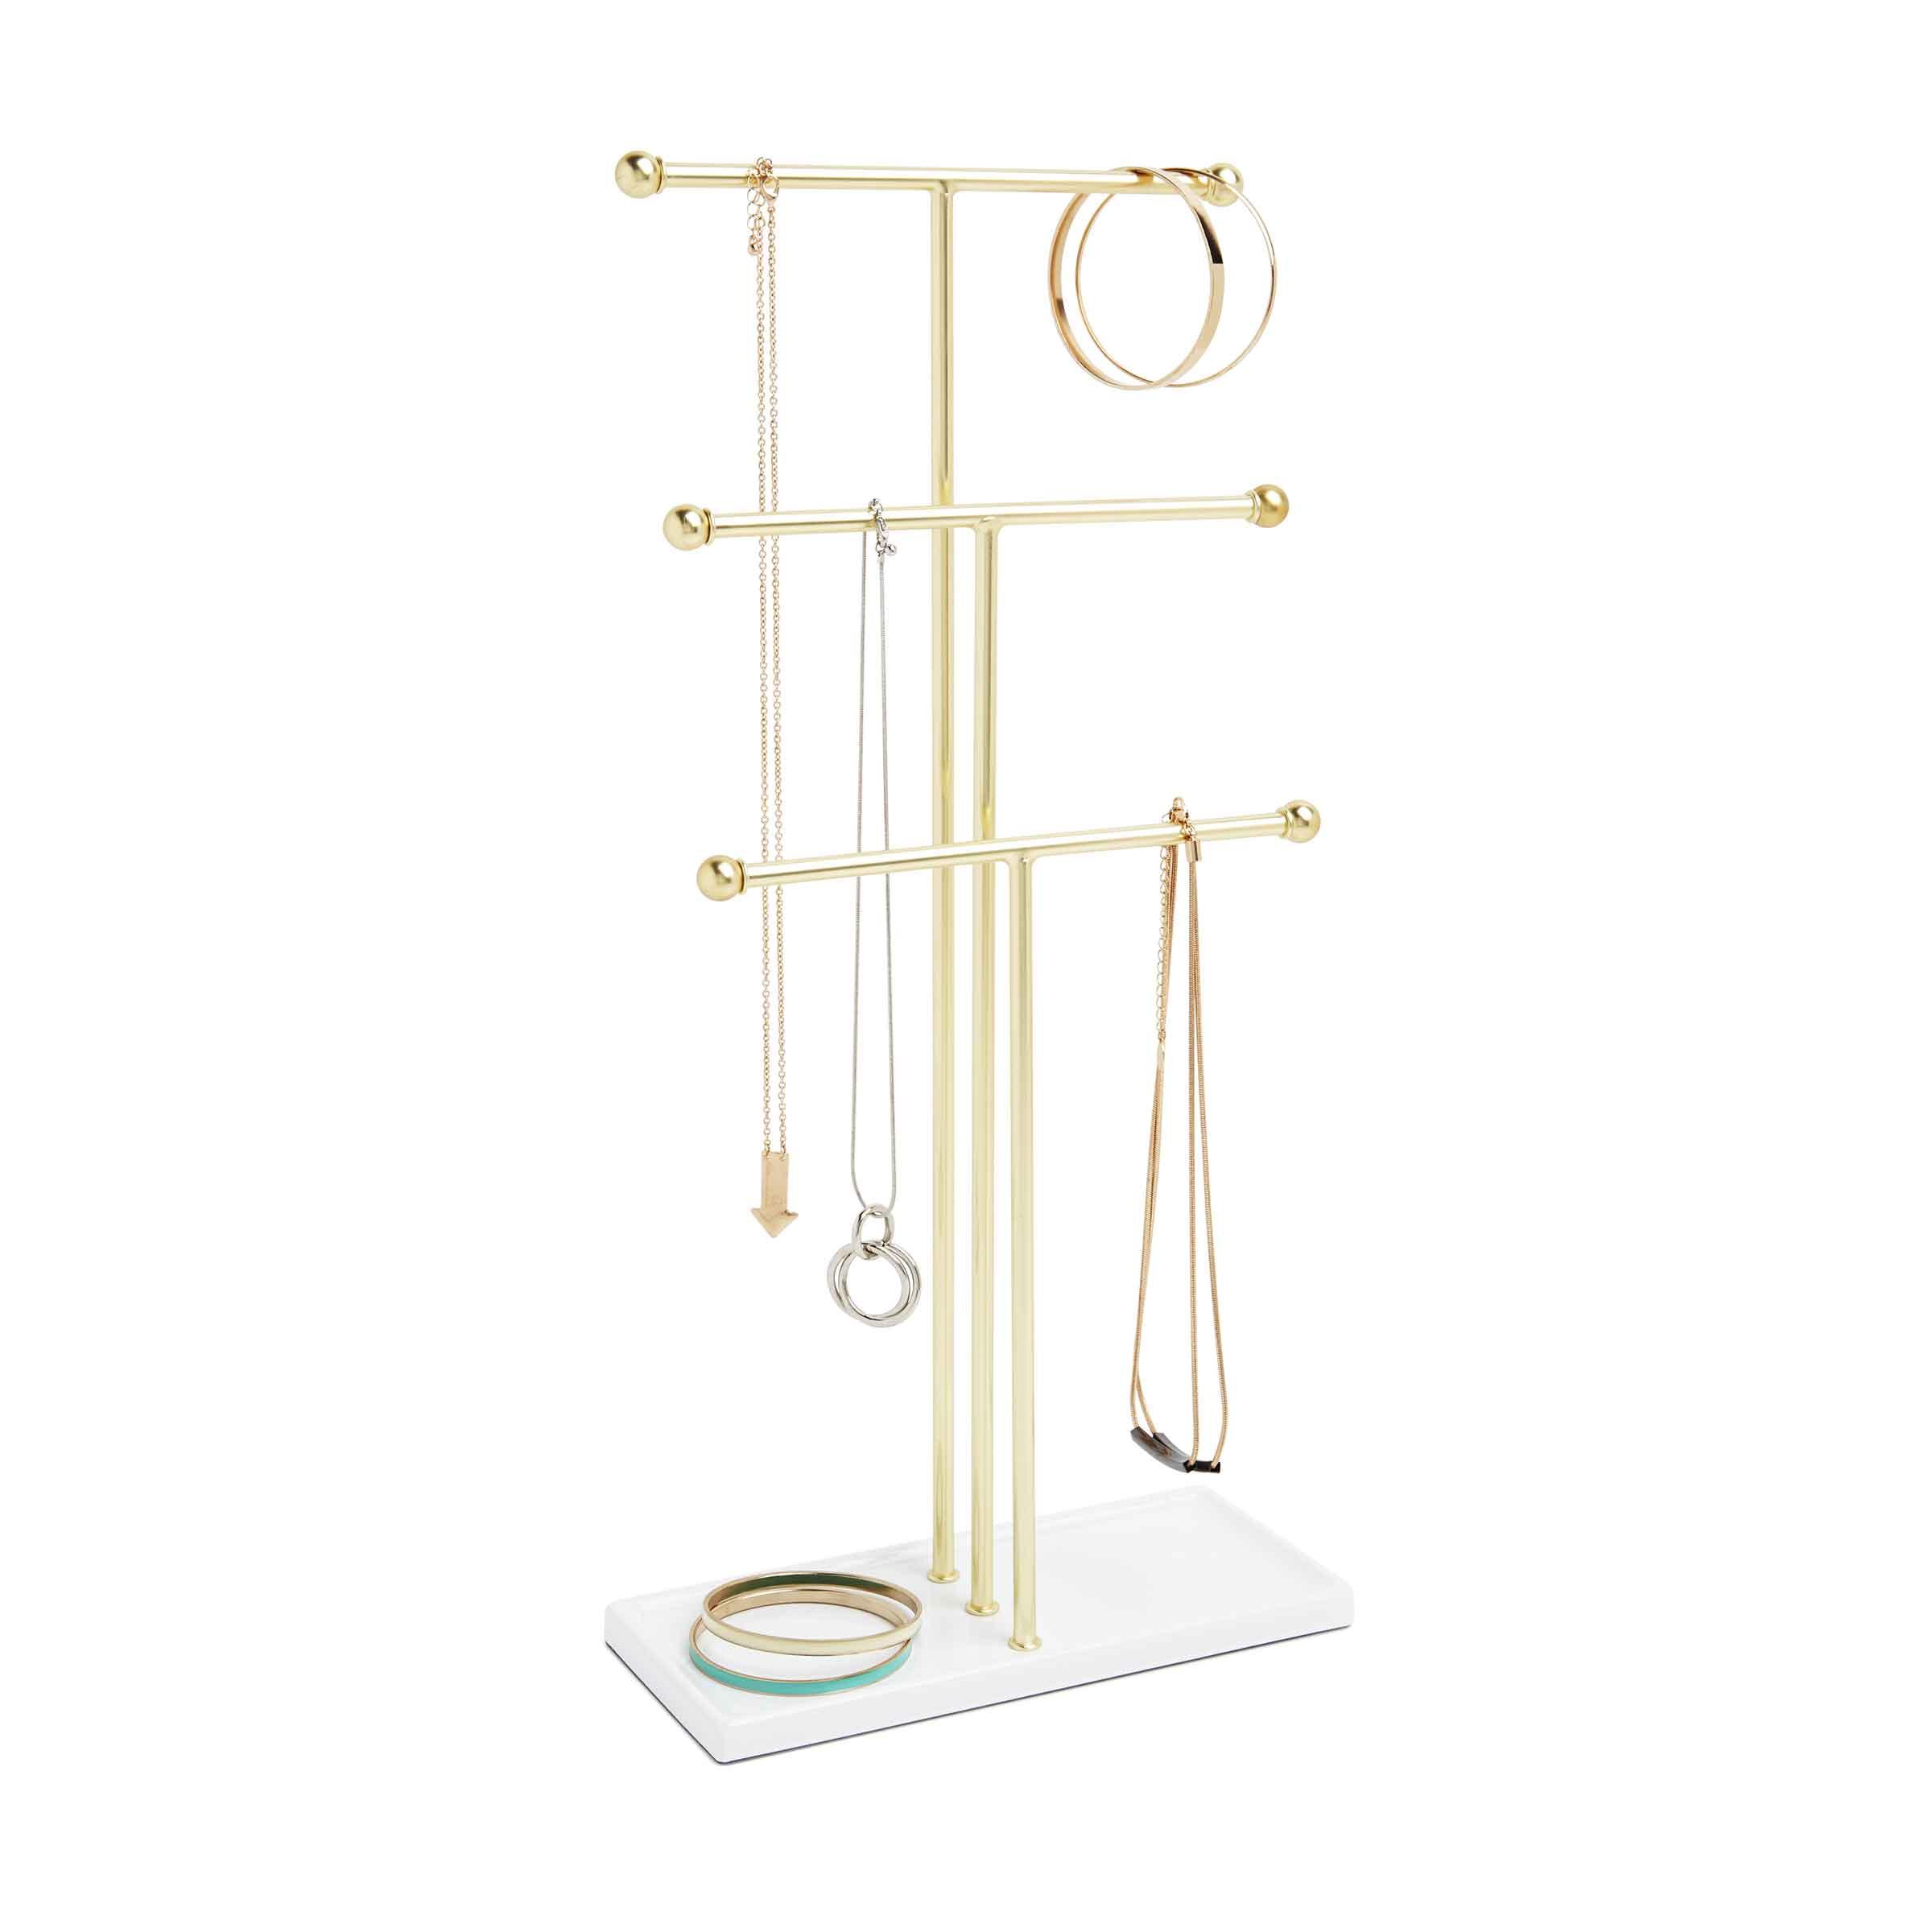 Présentoir à bijoux à 6 branches en métal doré avec socle en plastique blanc brillant